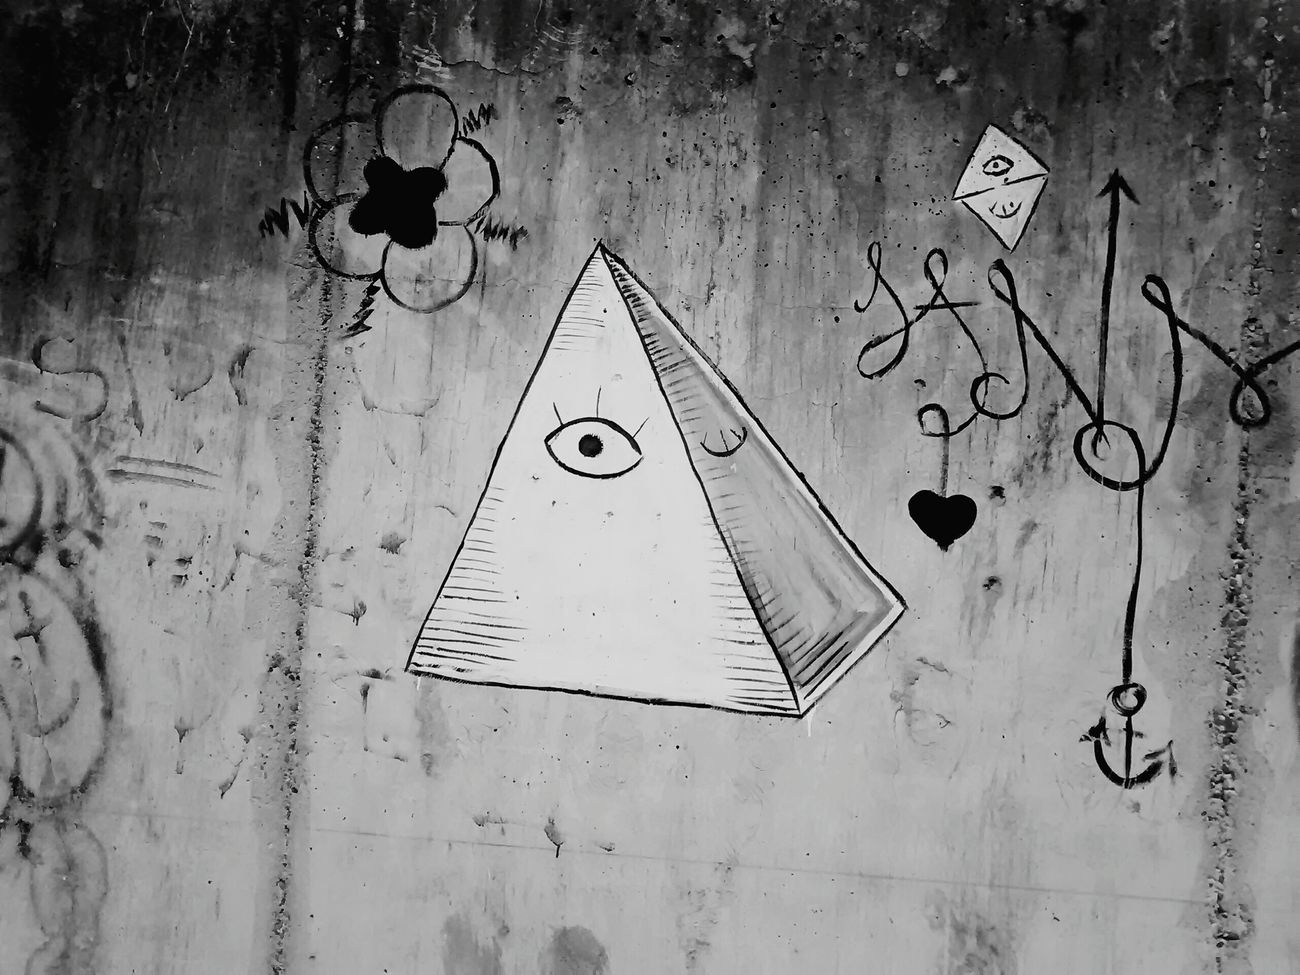 Black And White Graffiti Piramid Illuminati Boring Times ...taking Pictures Bla Bla Bla Bla :*